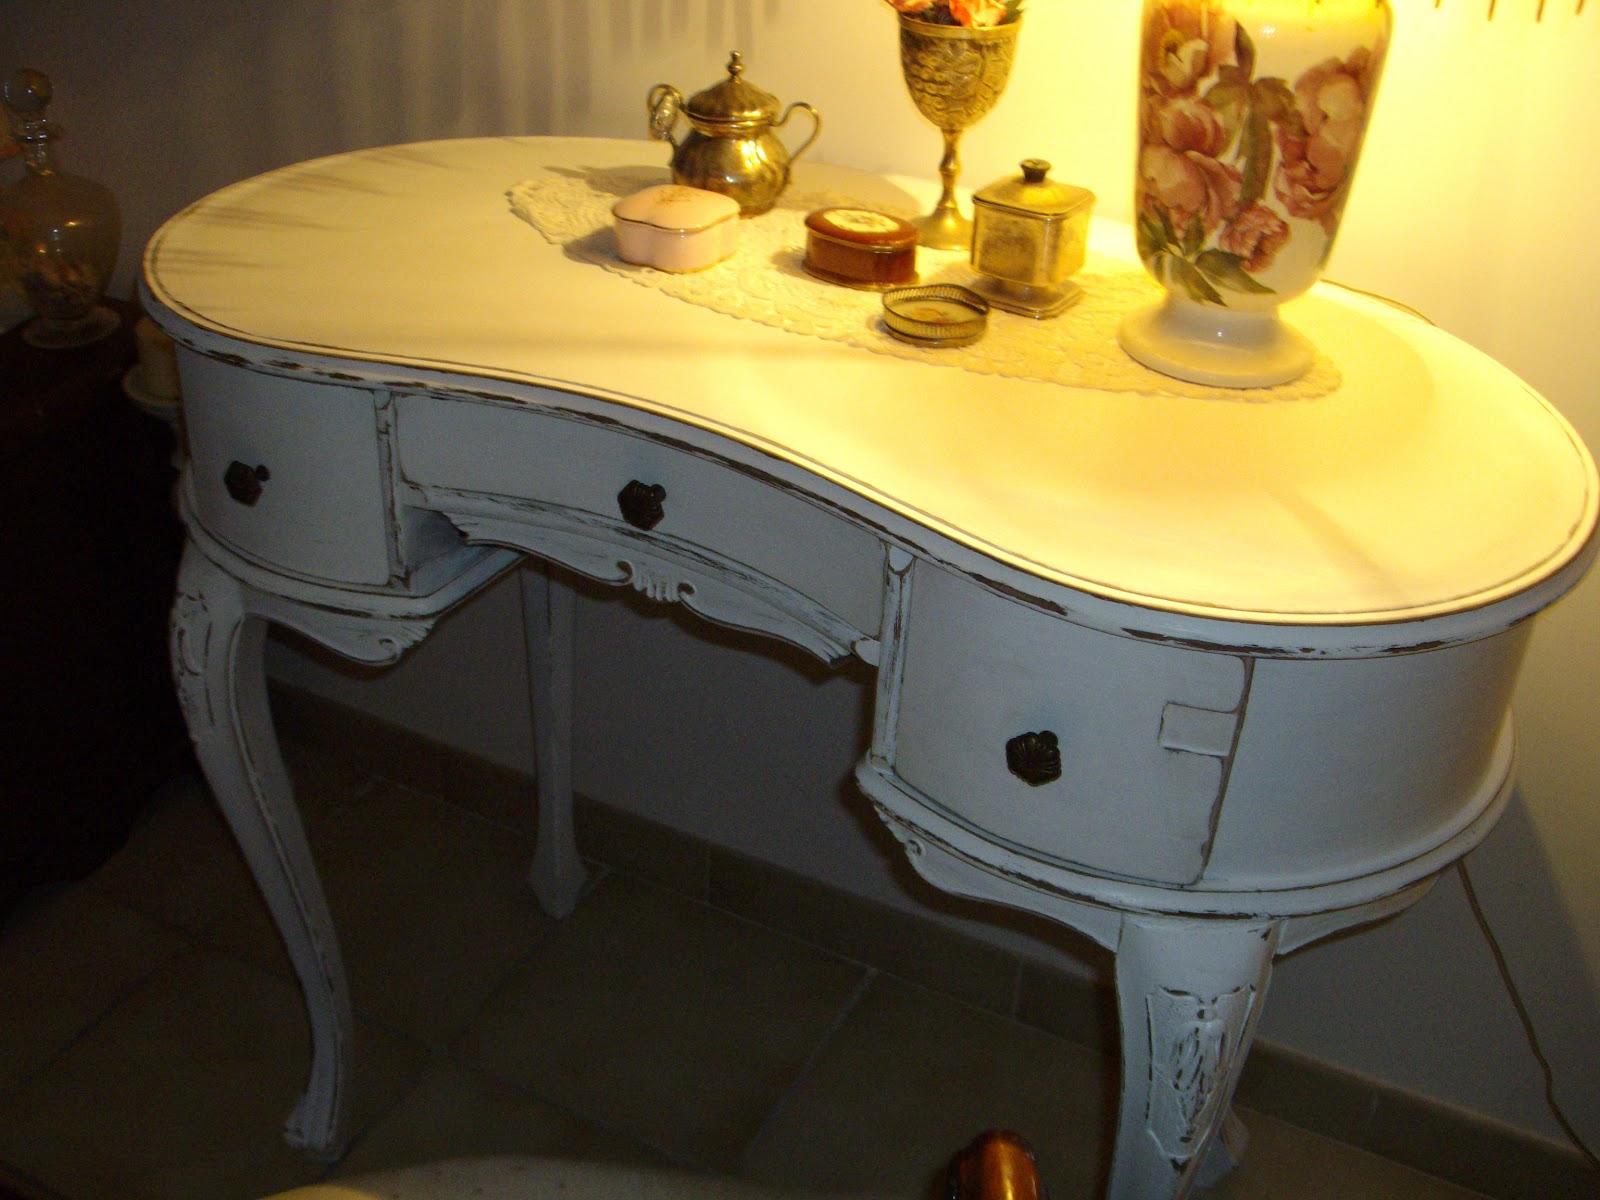 Re chic le dressing table shabby chic toletta da camera - Toletta da camera ...